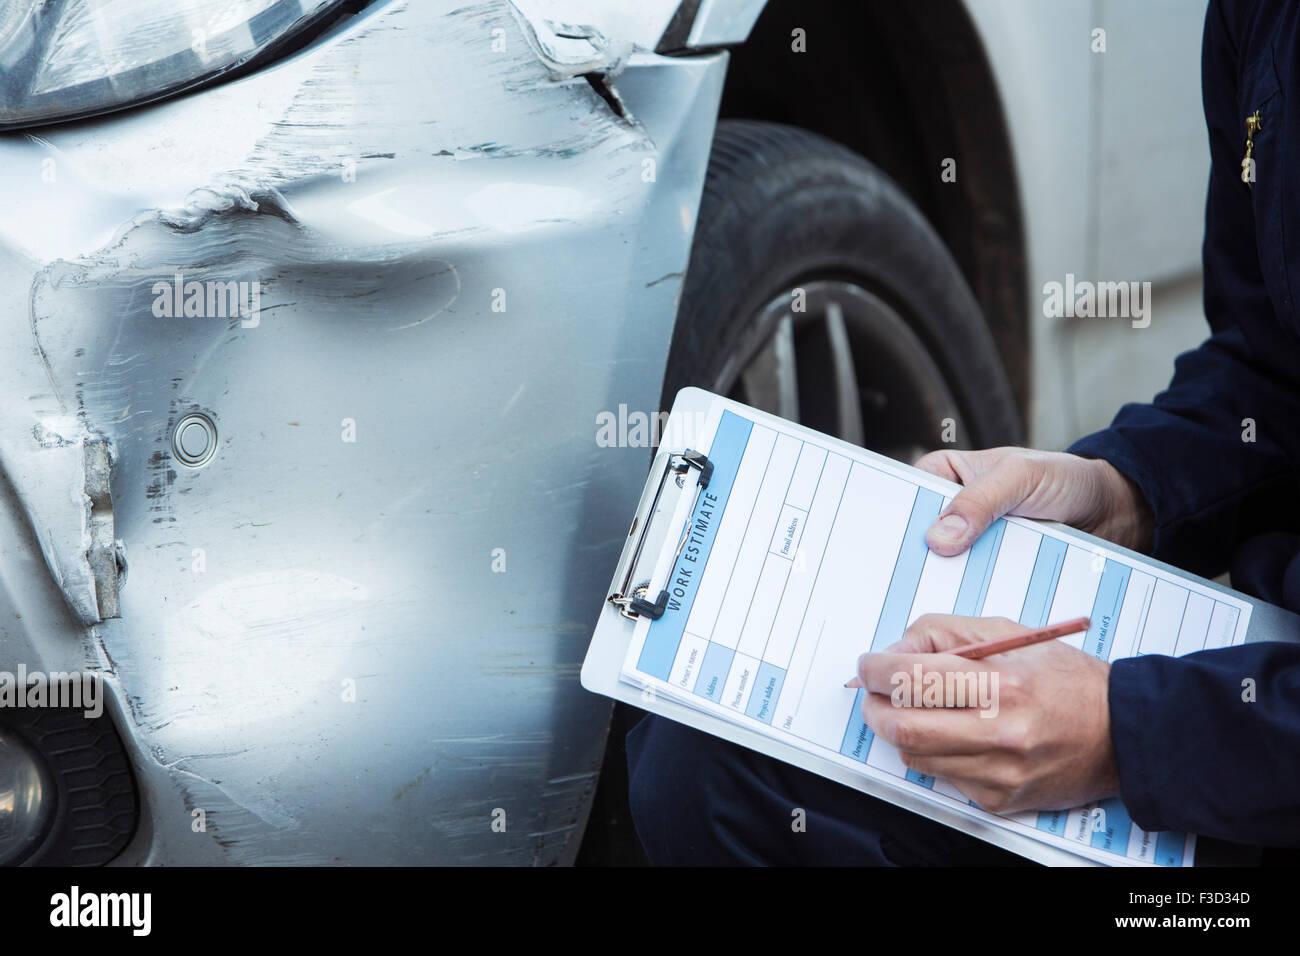 Automechaniker Workshop Inspektion Schäden an Fahrzeug und Reparatur Kostenvoranschlag ausfüllen Stockfoto